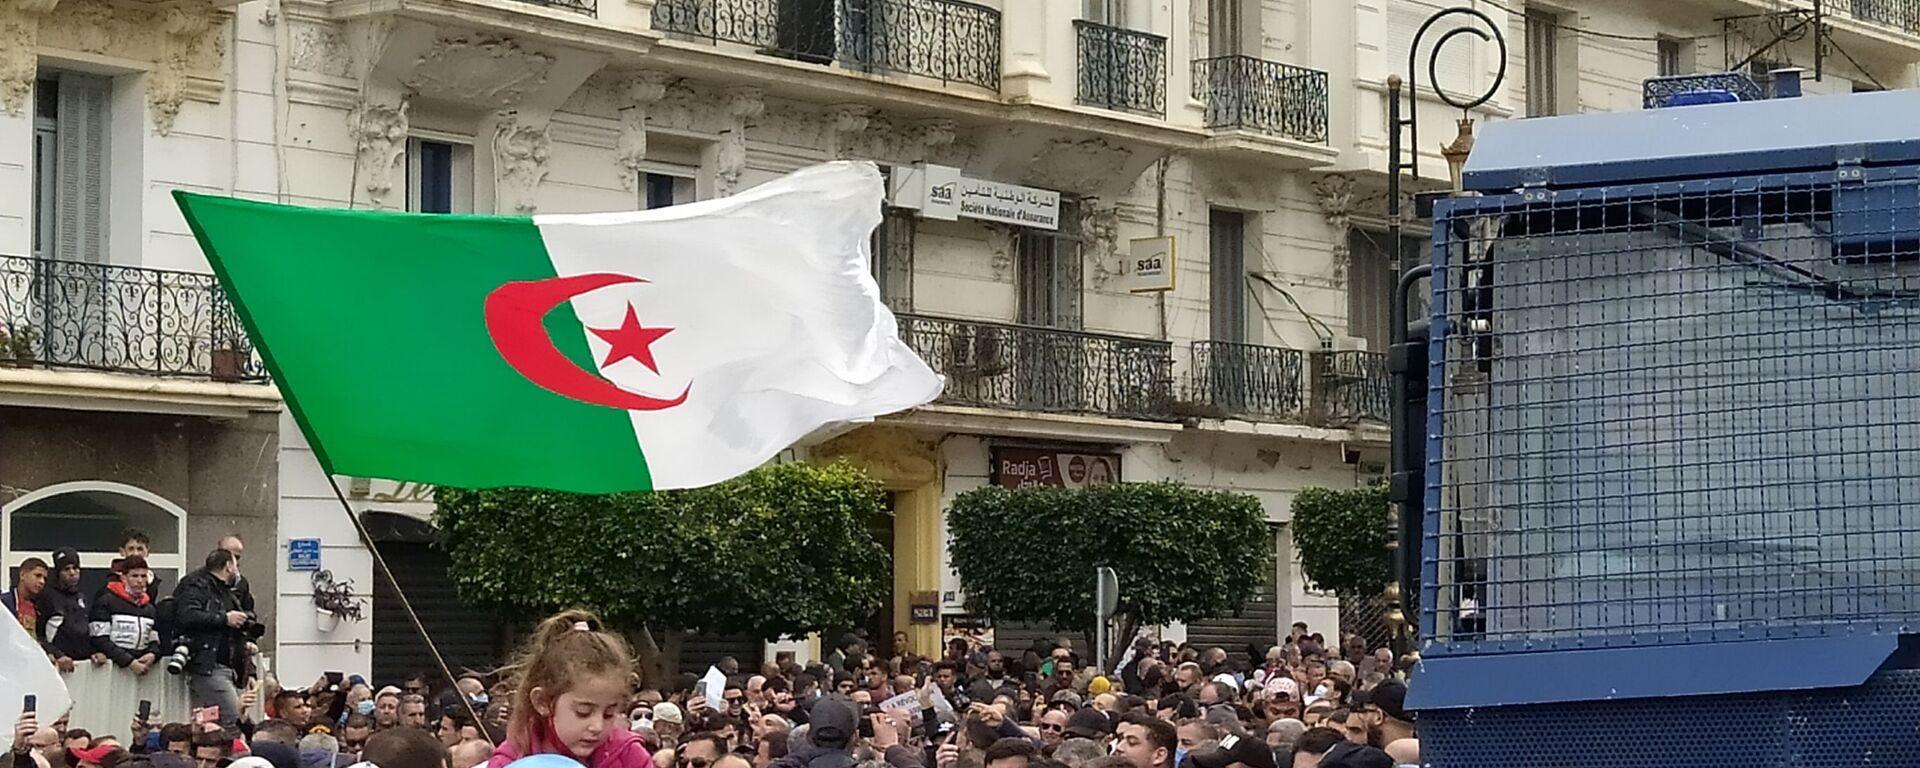 Reprise des marches pacifiques du Hirak à Alger. - Sputnik France, 1920, 03.06.2021